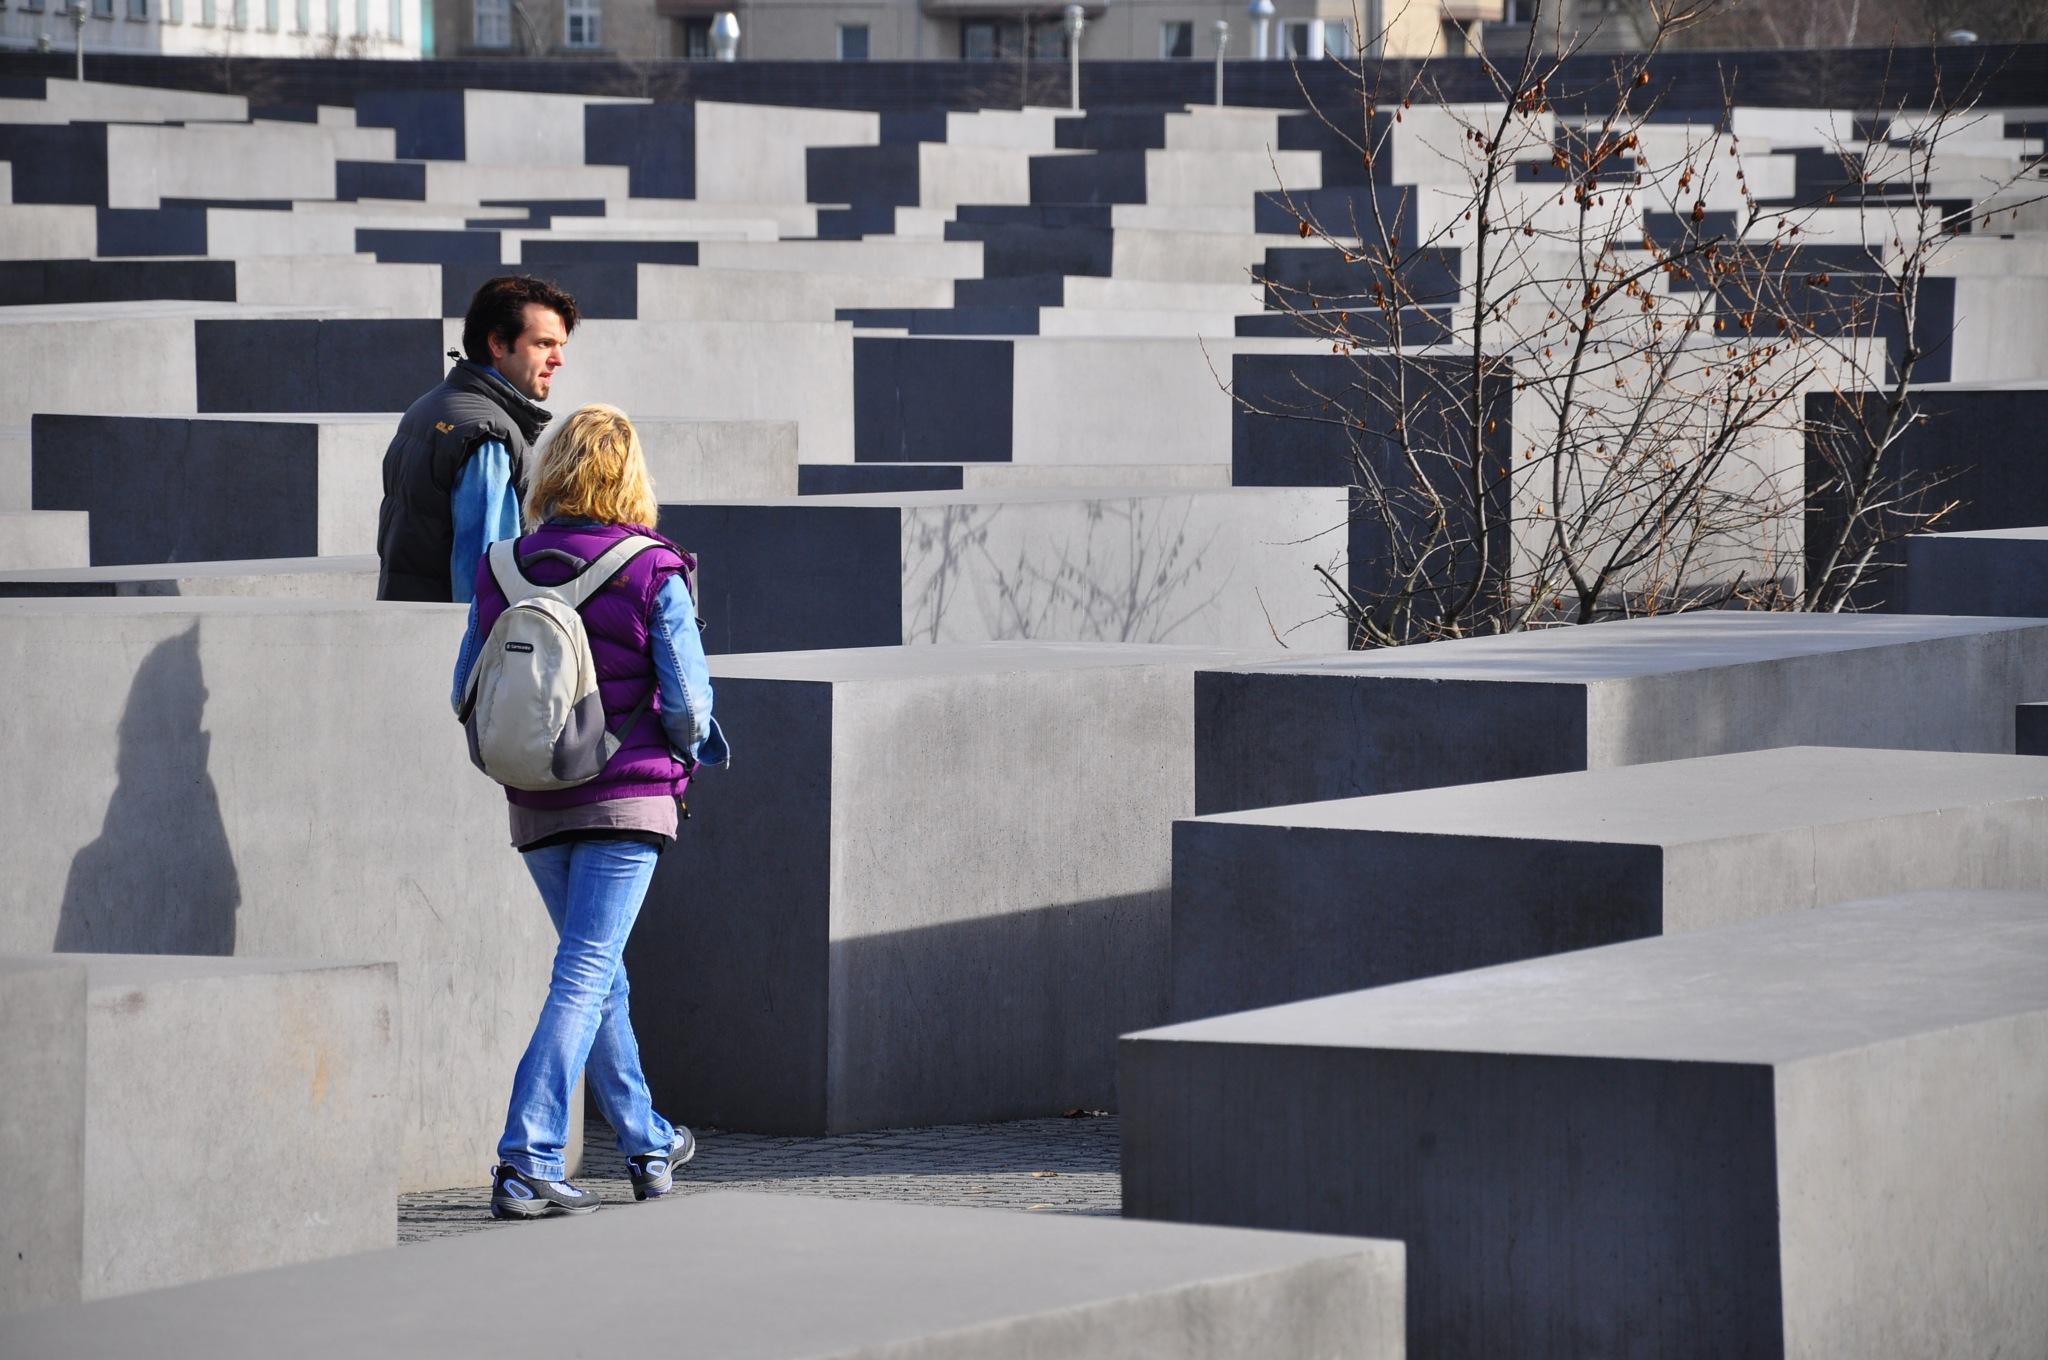 Berlin Holocaust Monument by Christian Hofmann